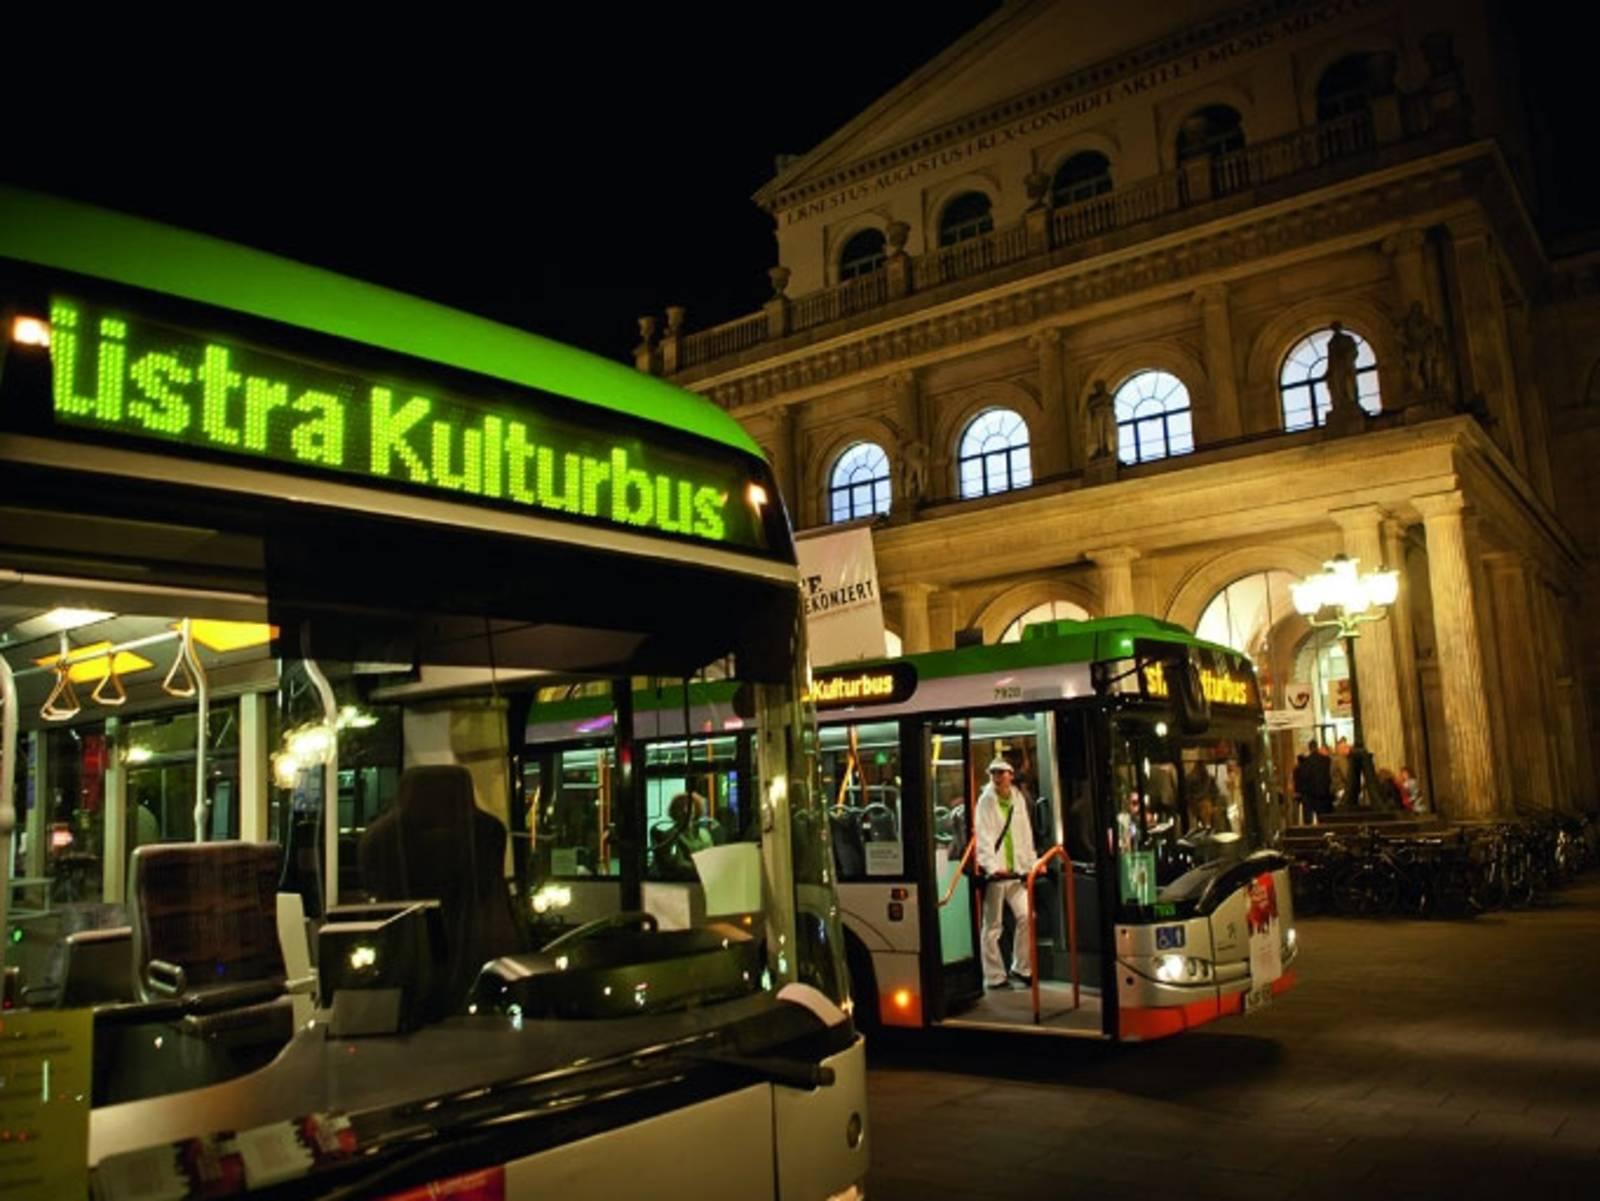 Zwei Busse stehen vor einem Opernhaus.